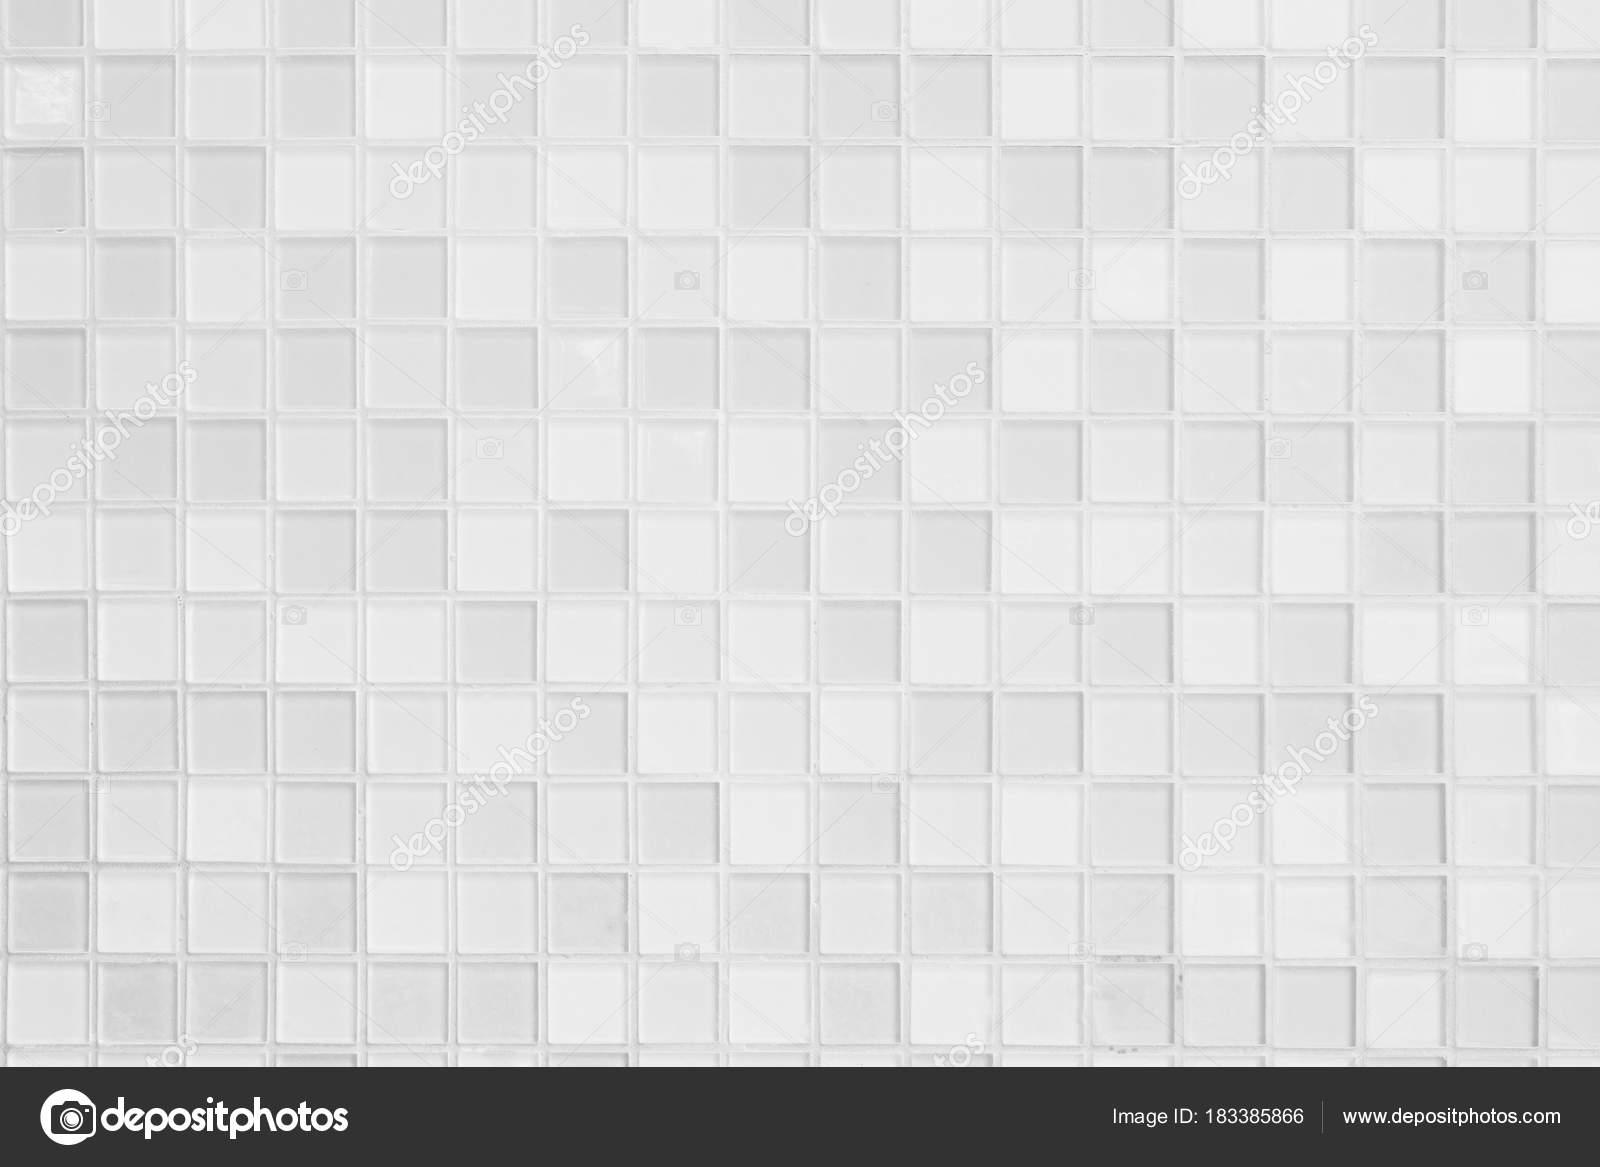 Bianco e grigio la piastrella parete alta risoluzione reale foto o